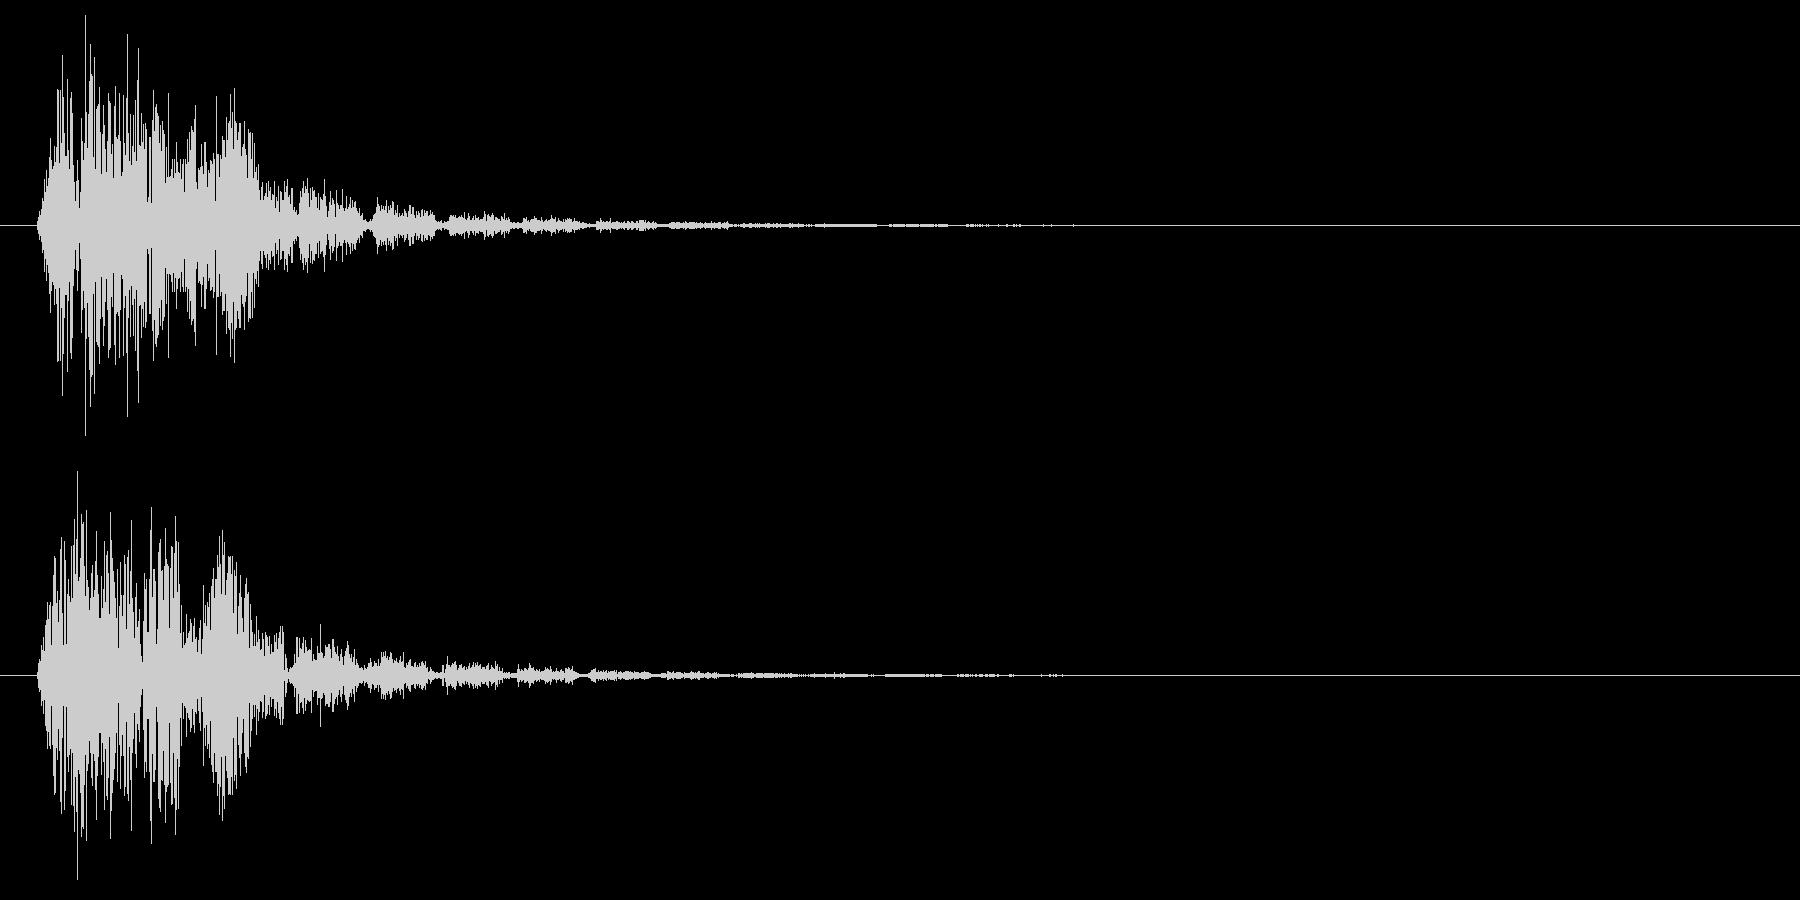 爆発して落下する音の未再生の波形